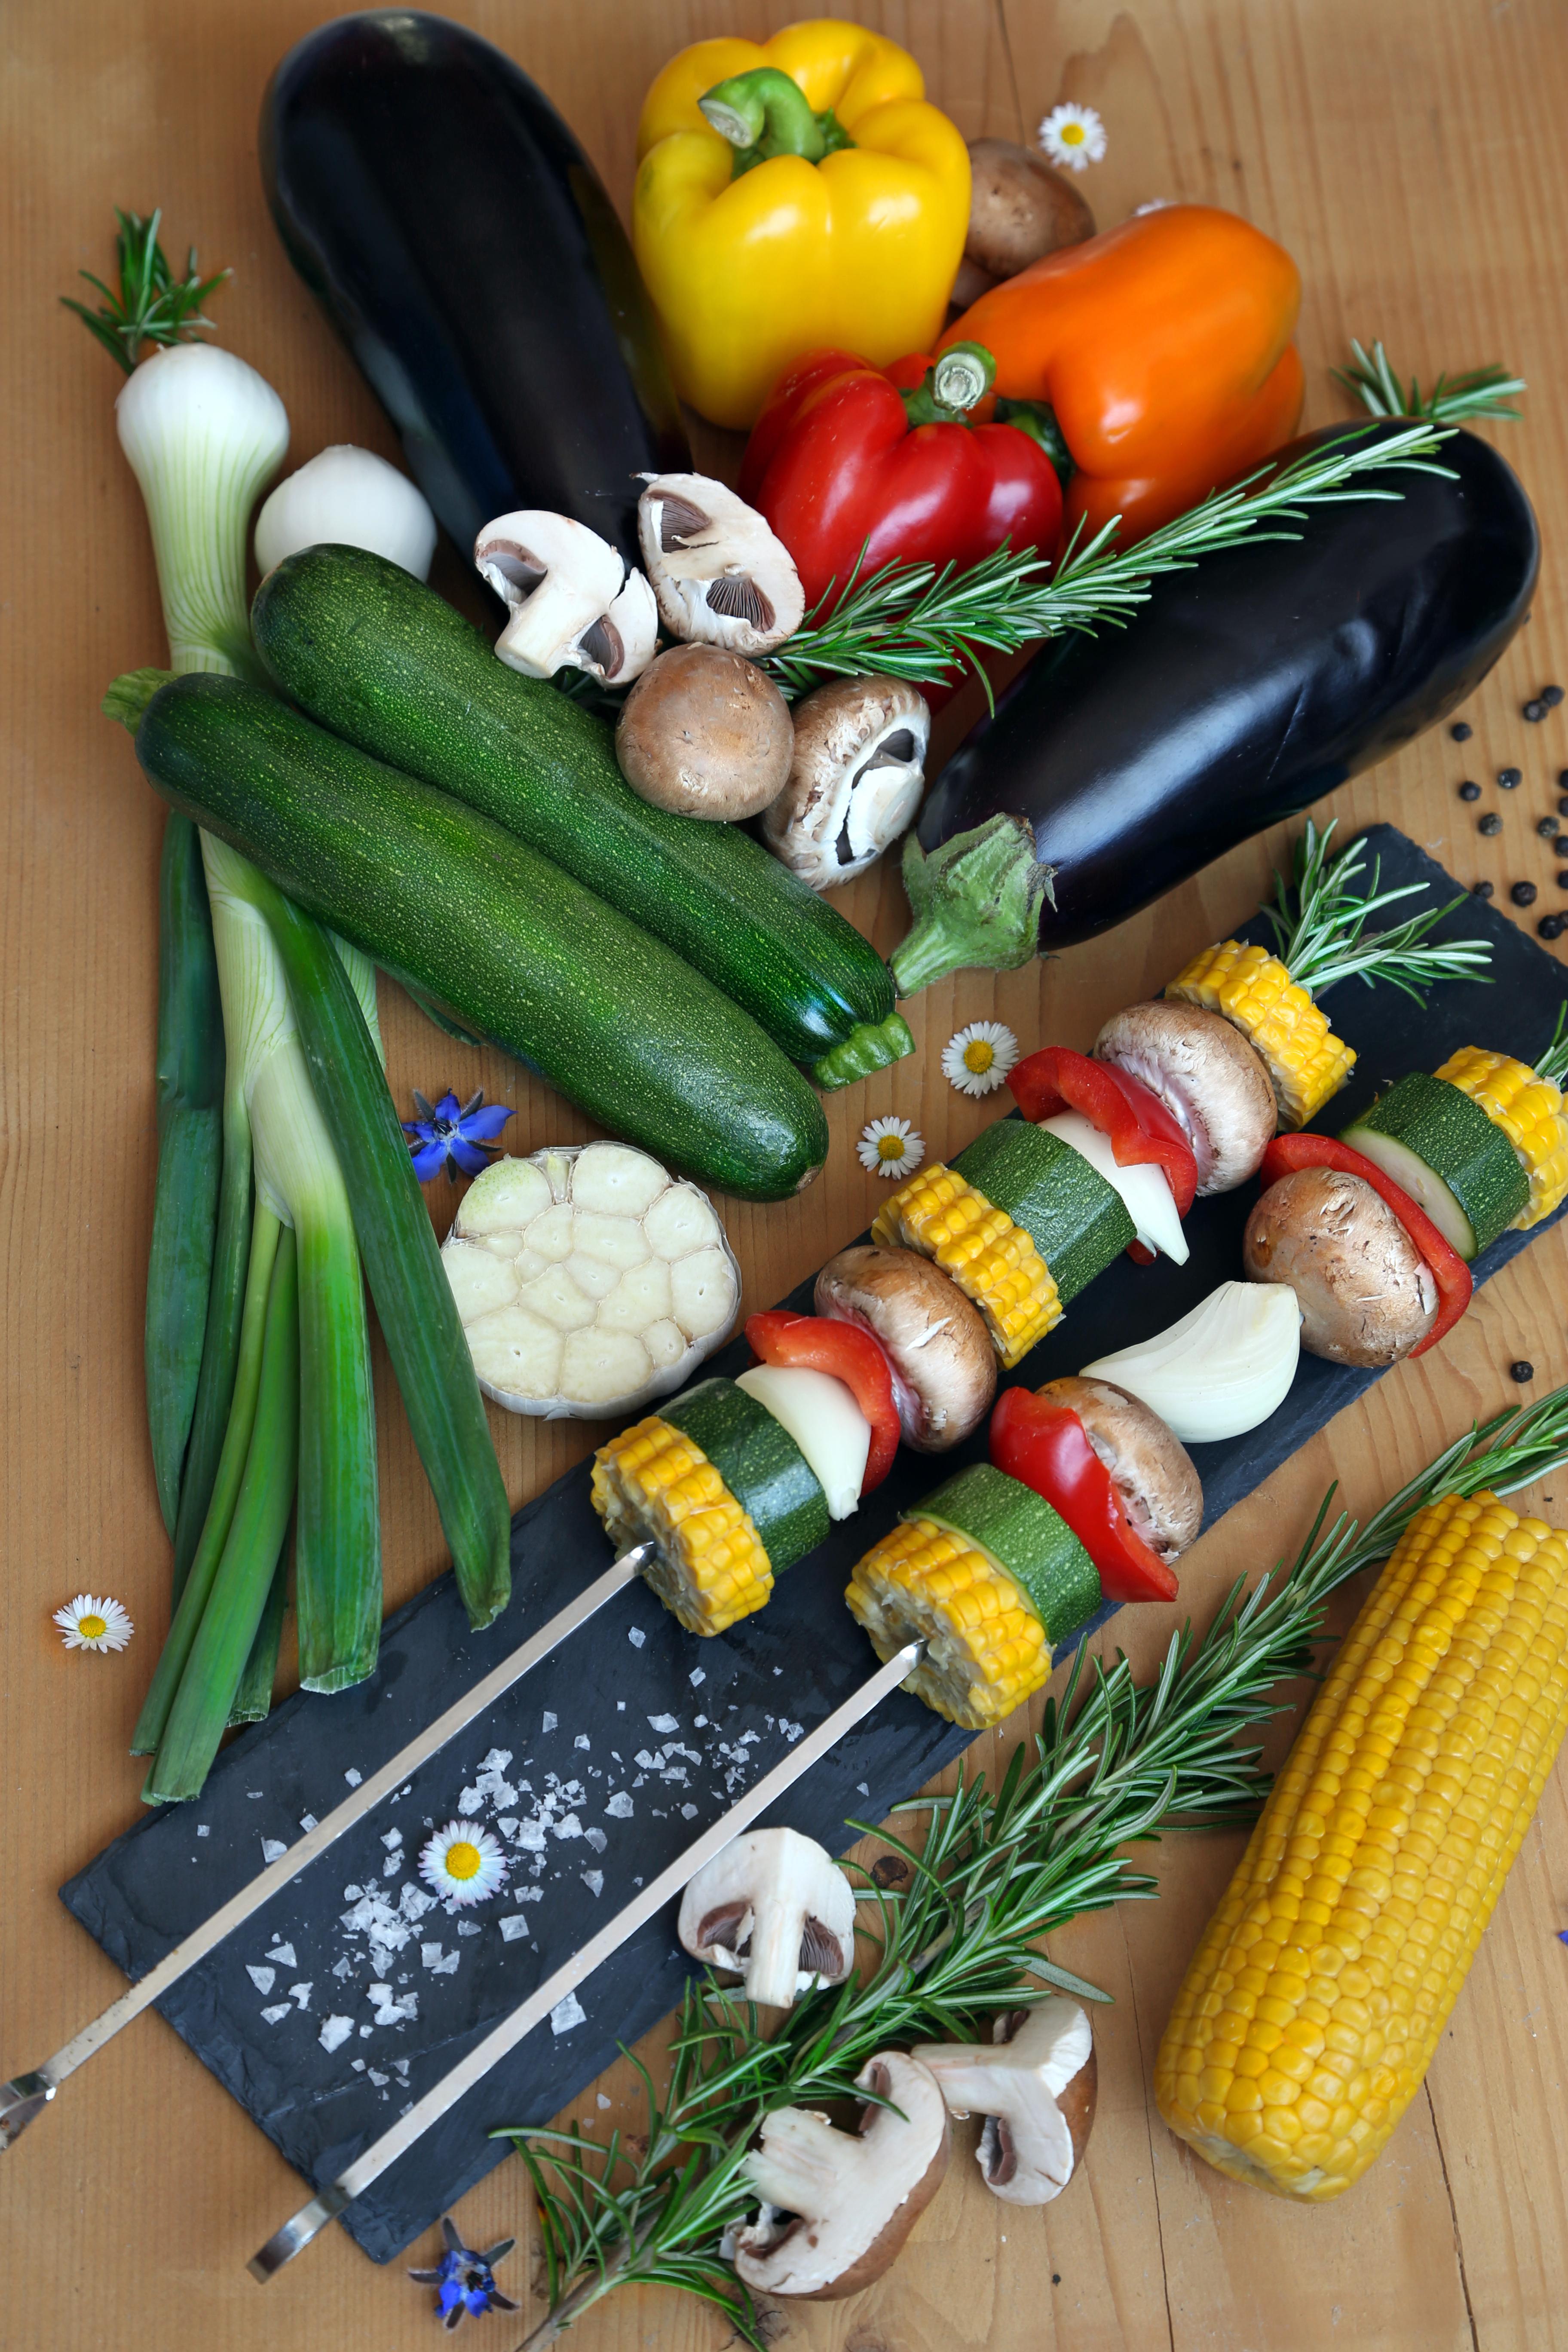 Légumes d'été pour barbecue - deli moon.com